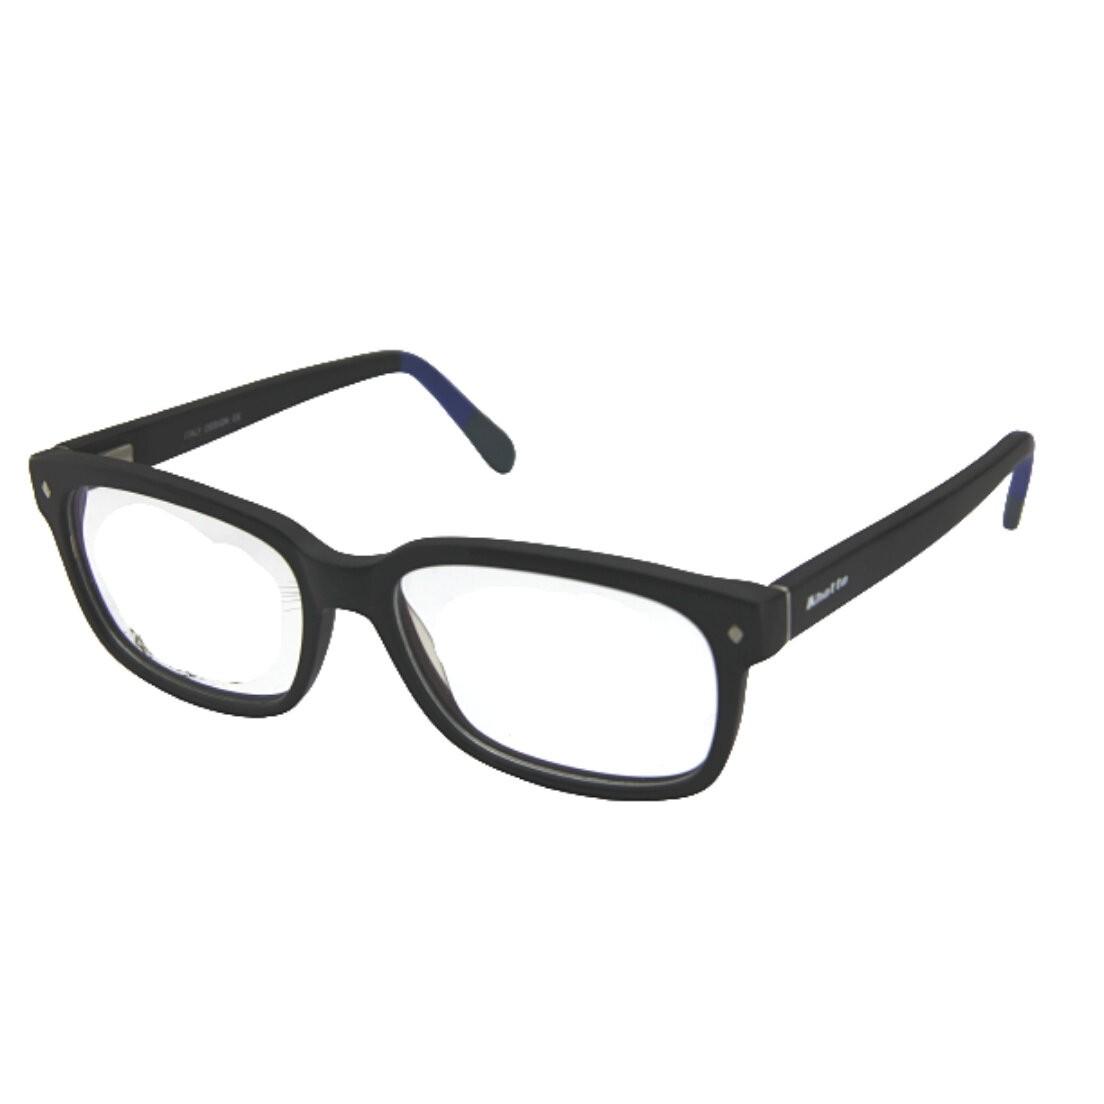 Armação de Óculos Khatto Square Green - C061